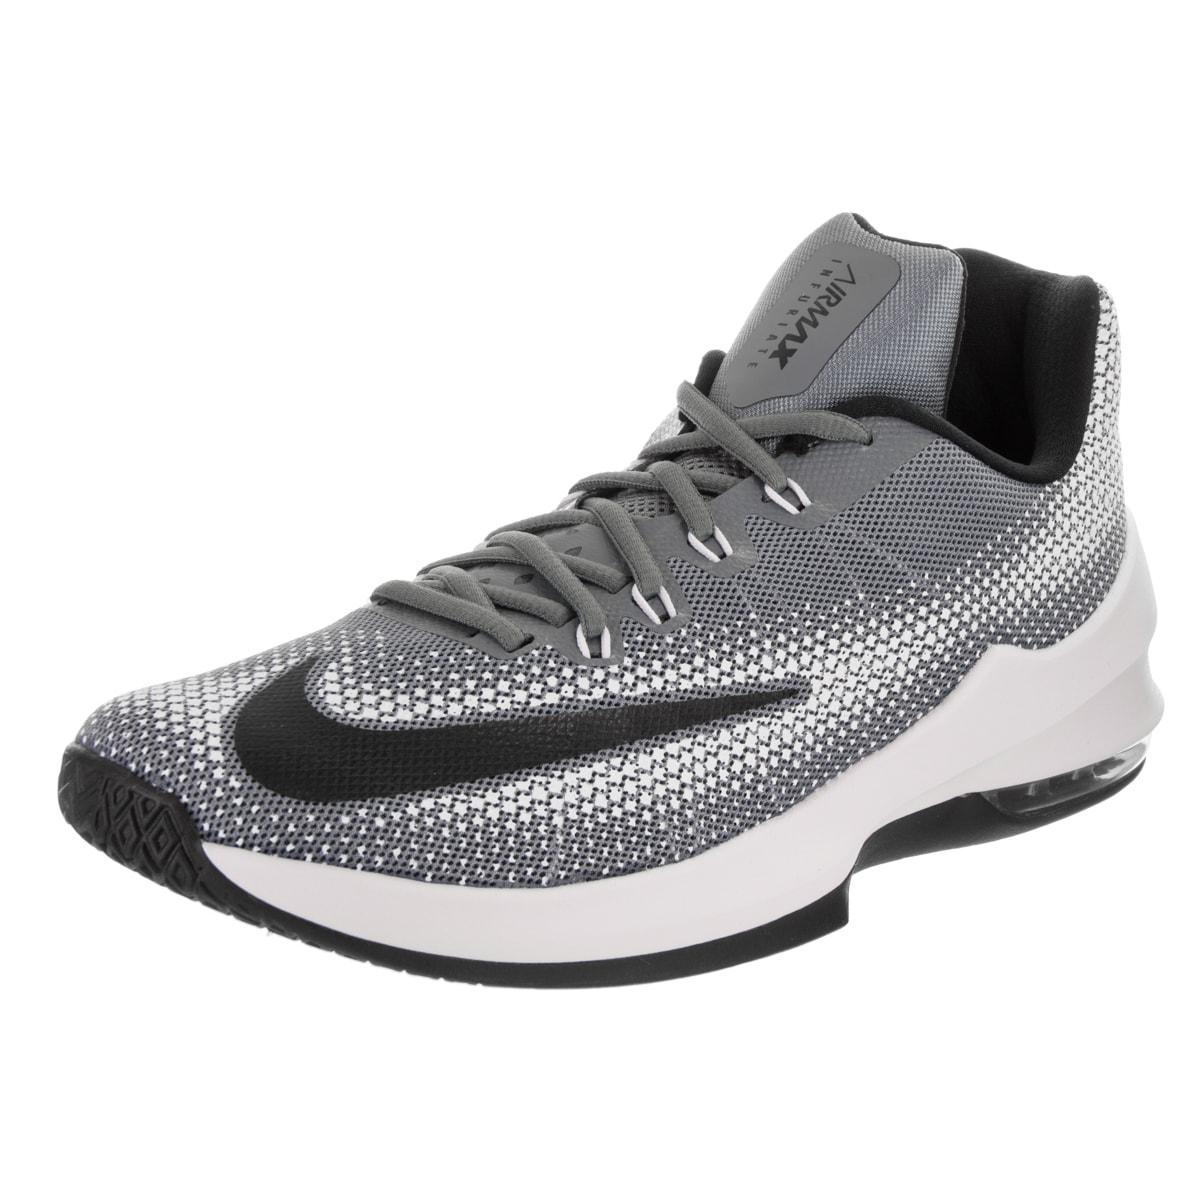 Nike Men's Air Max Infuriate Low Basketball Shoe (11), Gr...